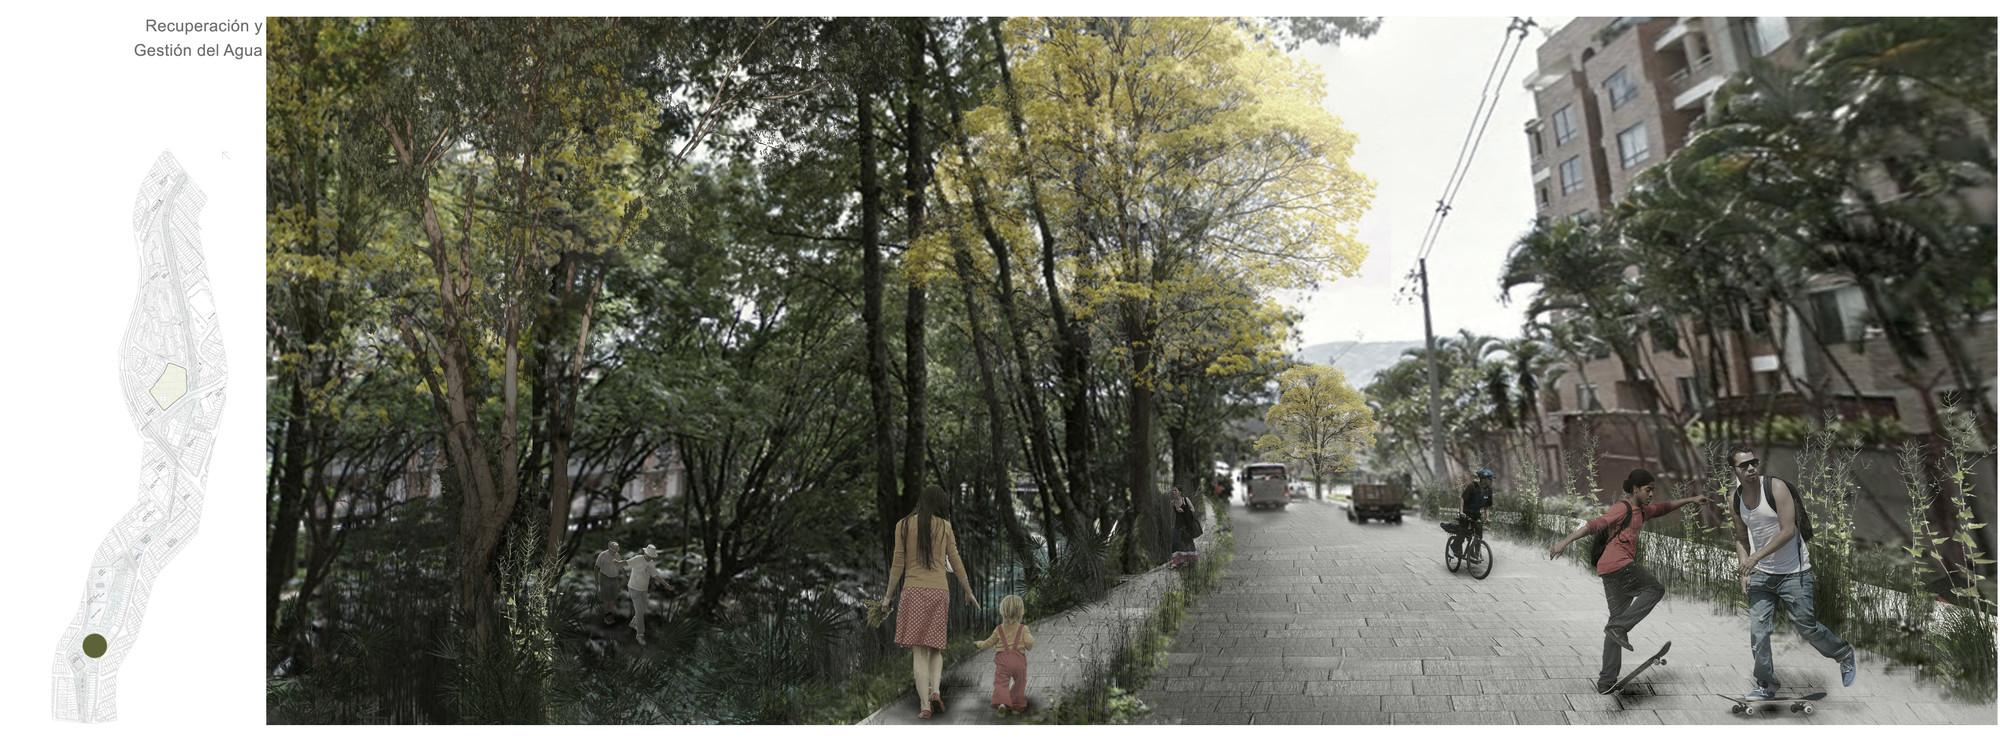 Proyecto urbano 1:2500: vistas. Image Courtesy of Equipo desarrollador